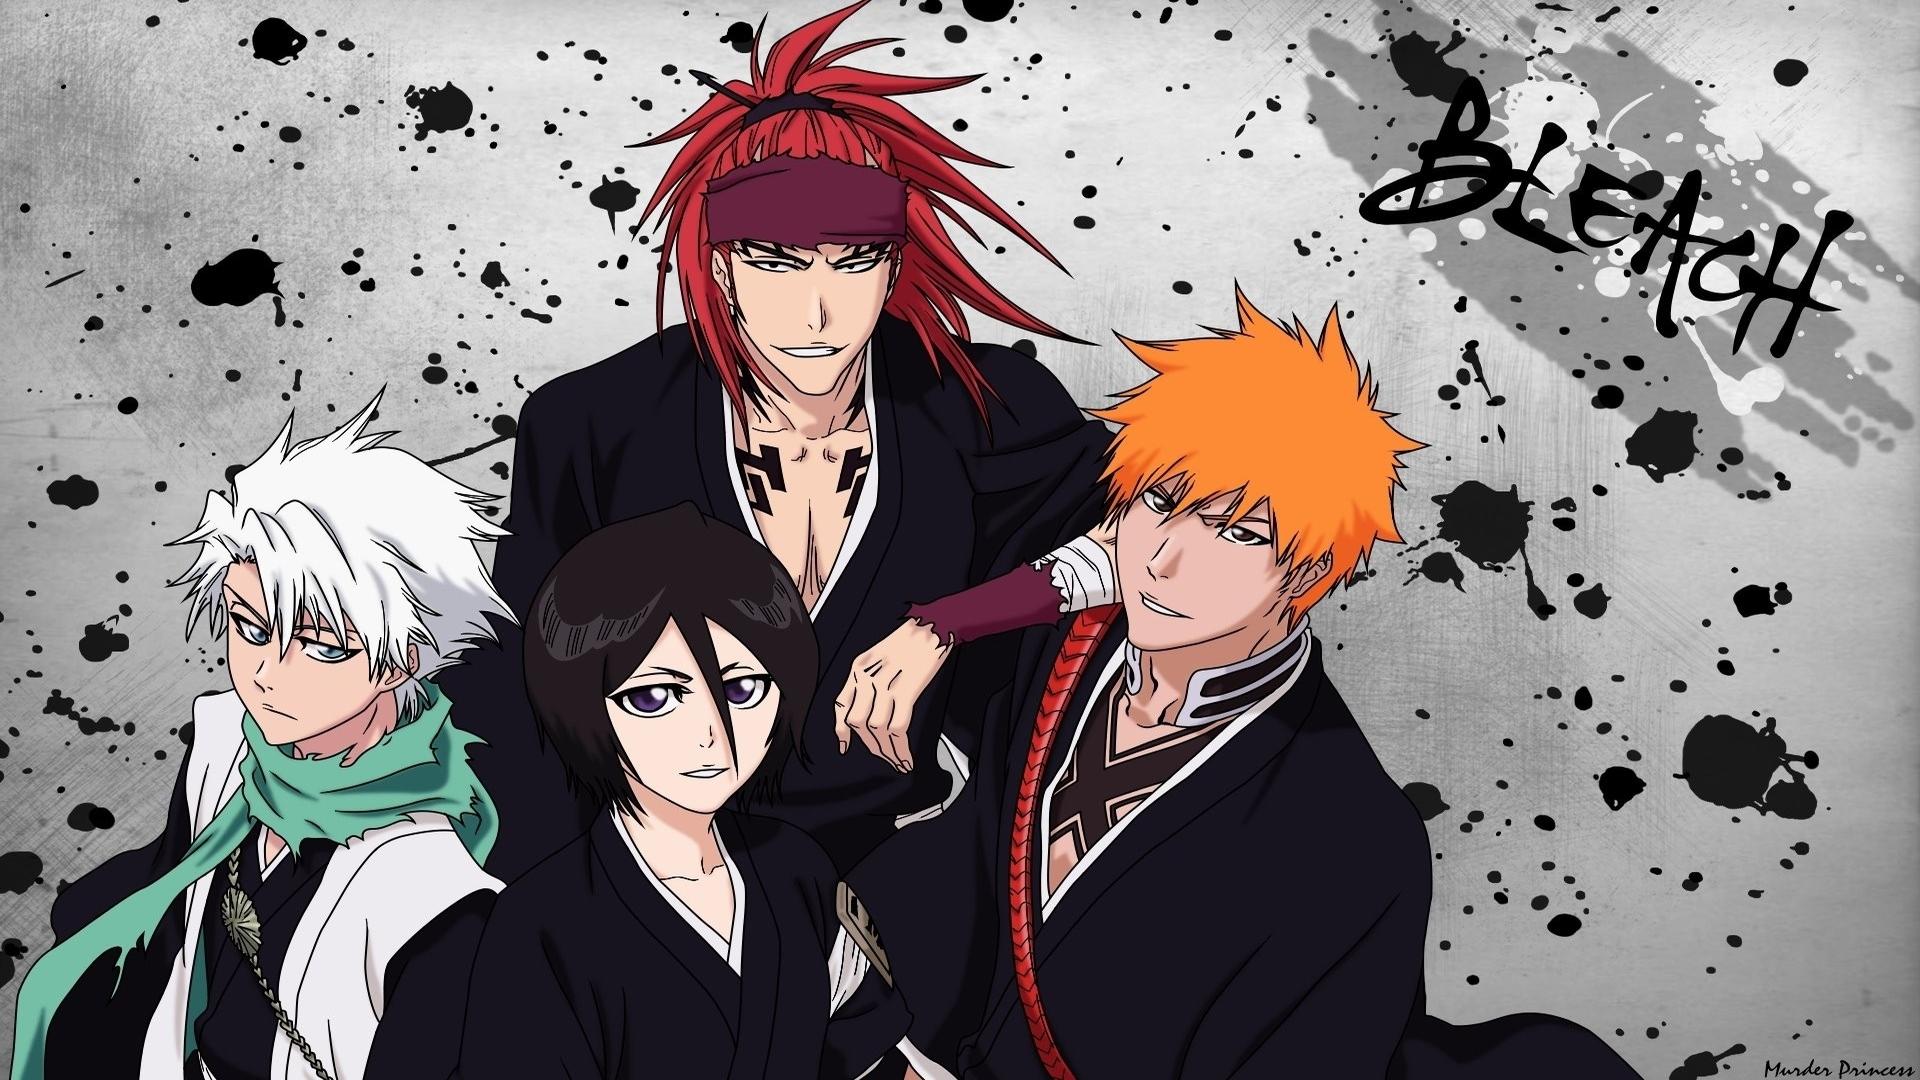 Anime 1920x1080 Bleach manga anime